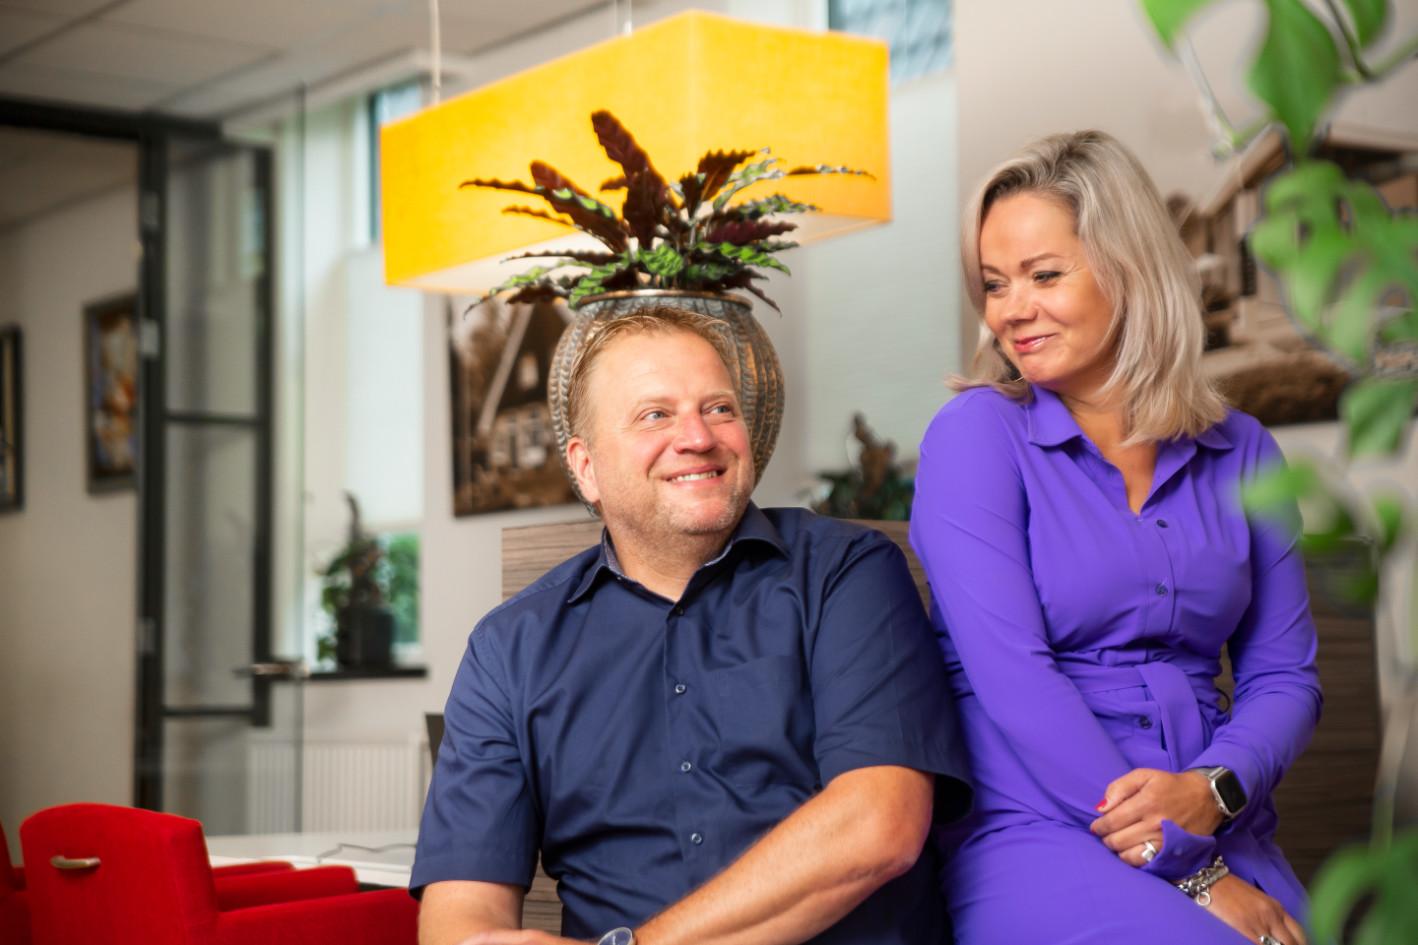 Gert Jan en Melissa van 't Goor in het kantoor bij het bedrijf Van 't Goor Financieel Advies